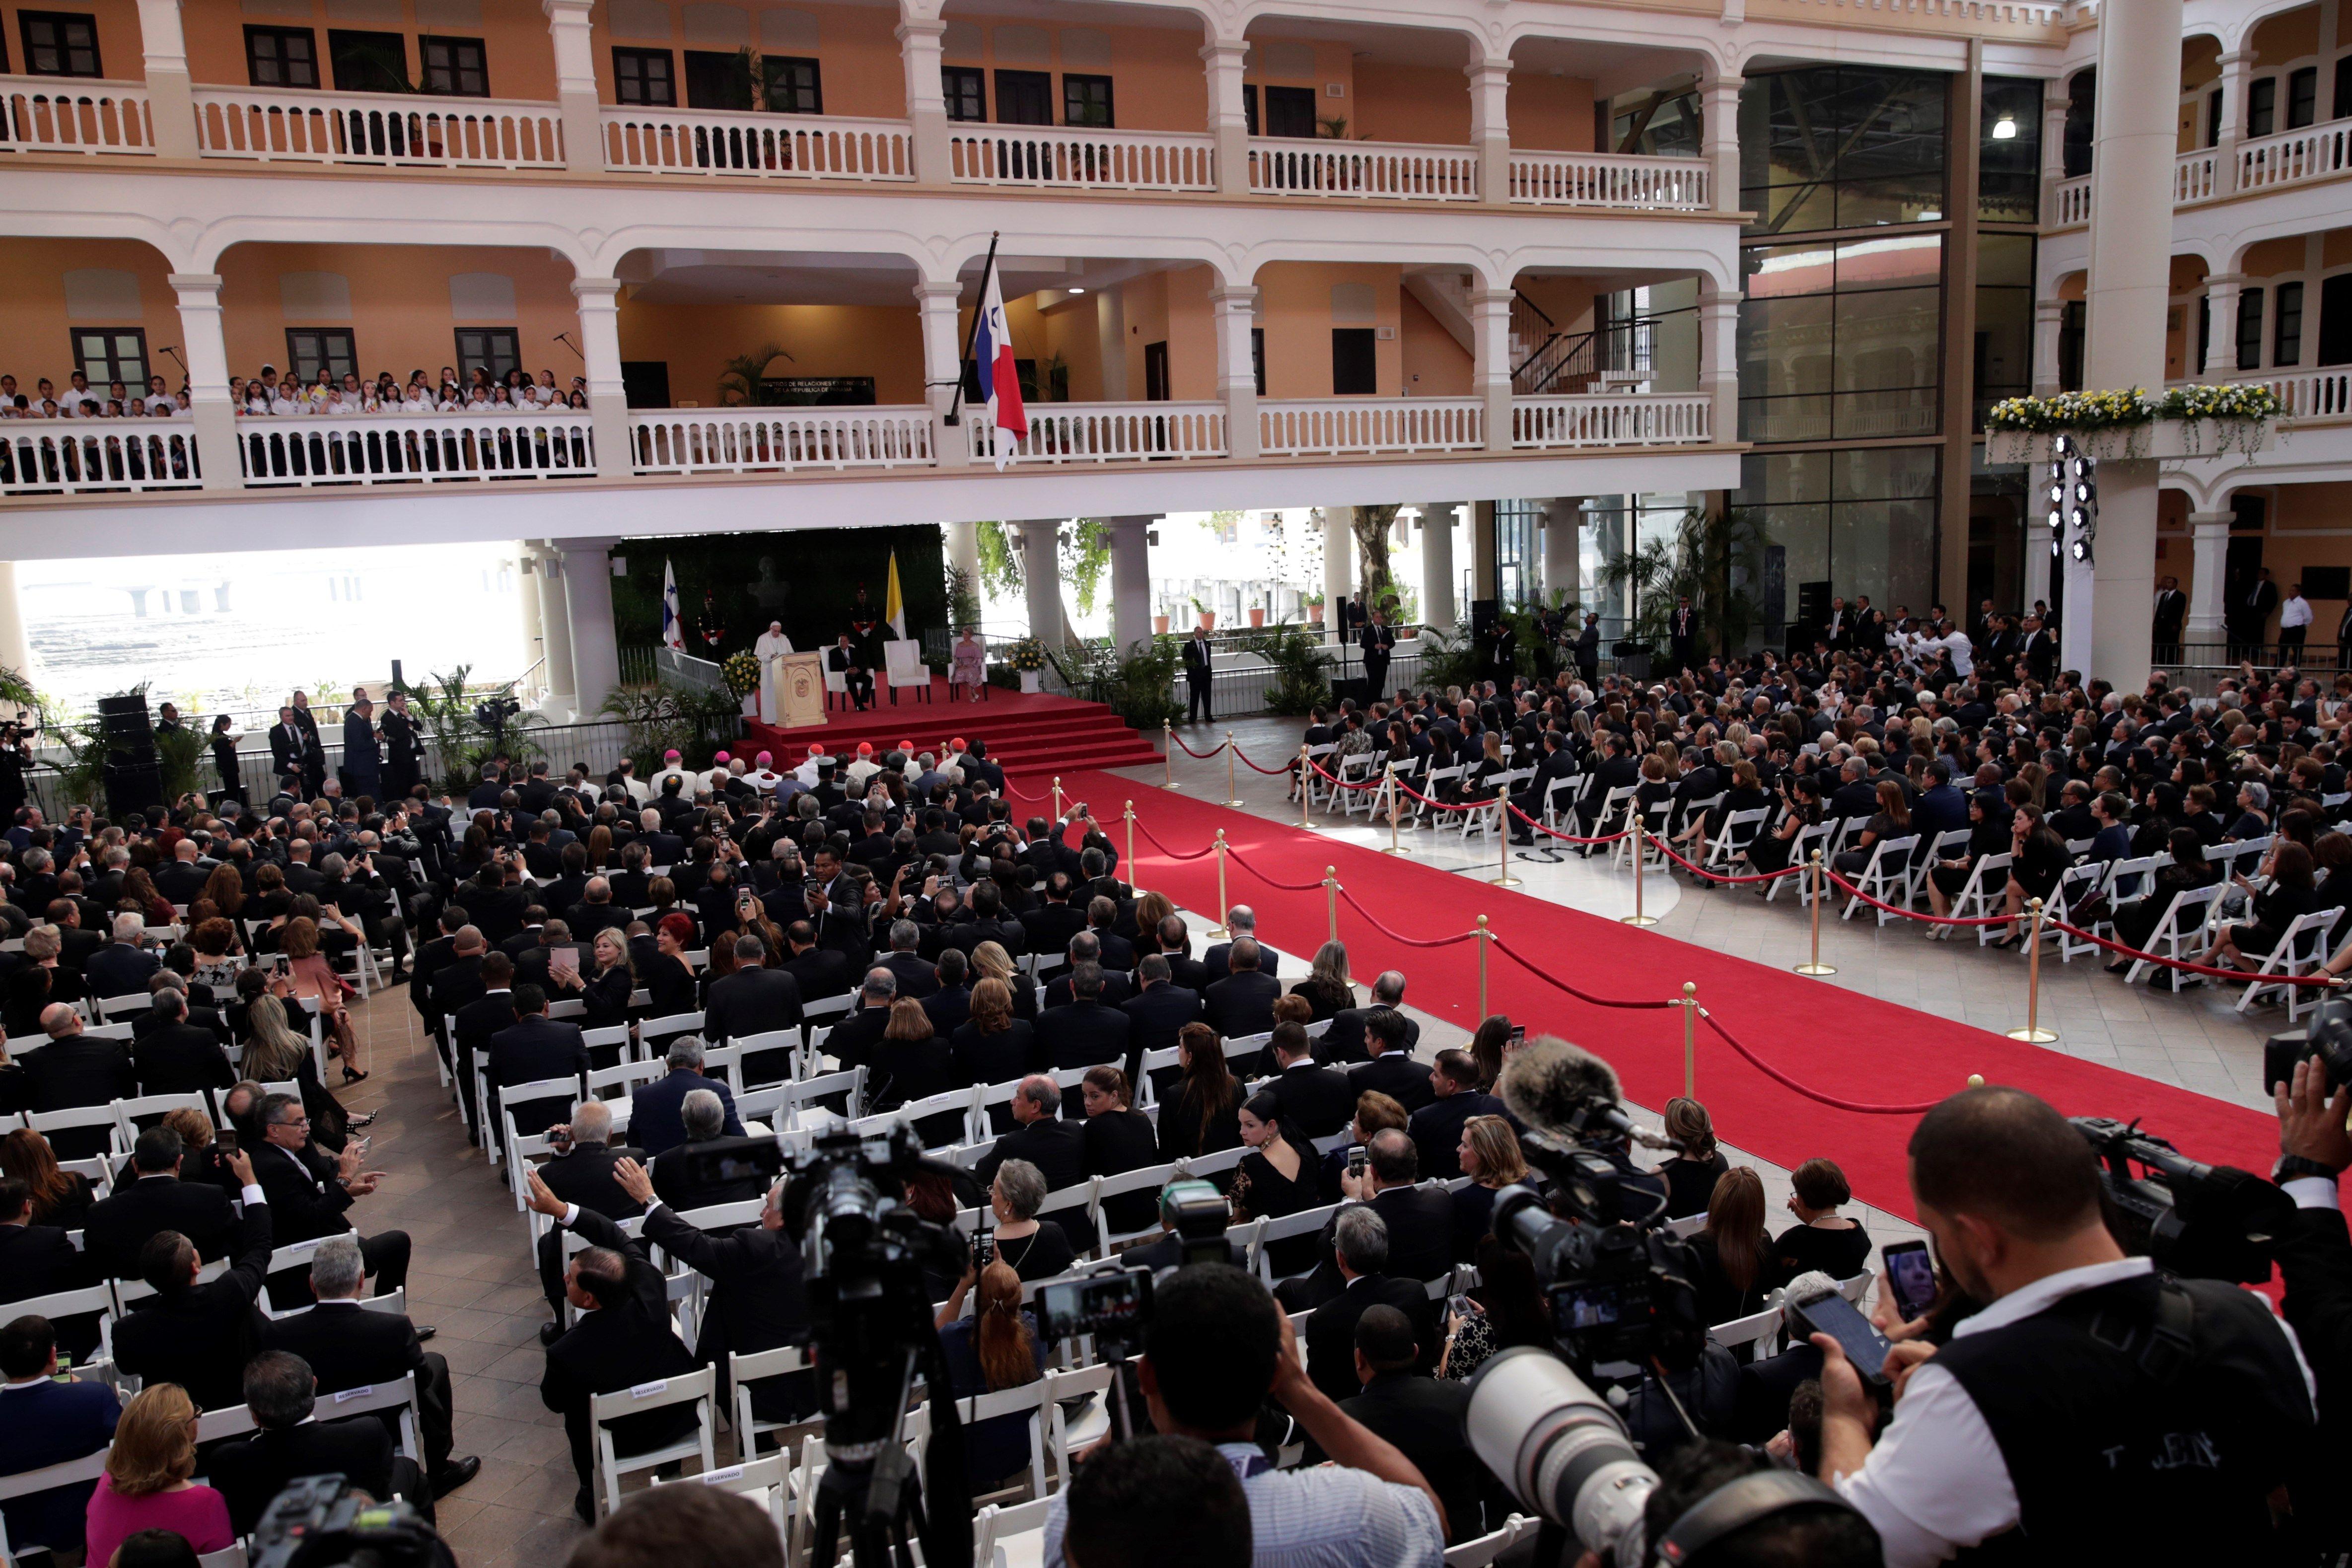 El papa Francisco pronuncia su discurso a los obispos de Centroamérica en la iglesia de San Francisco de Asís. (Foto Prensa Libre: EFE)